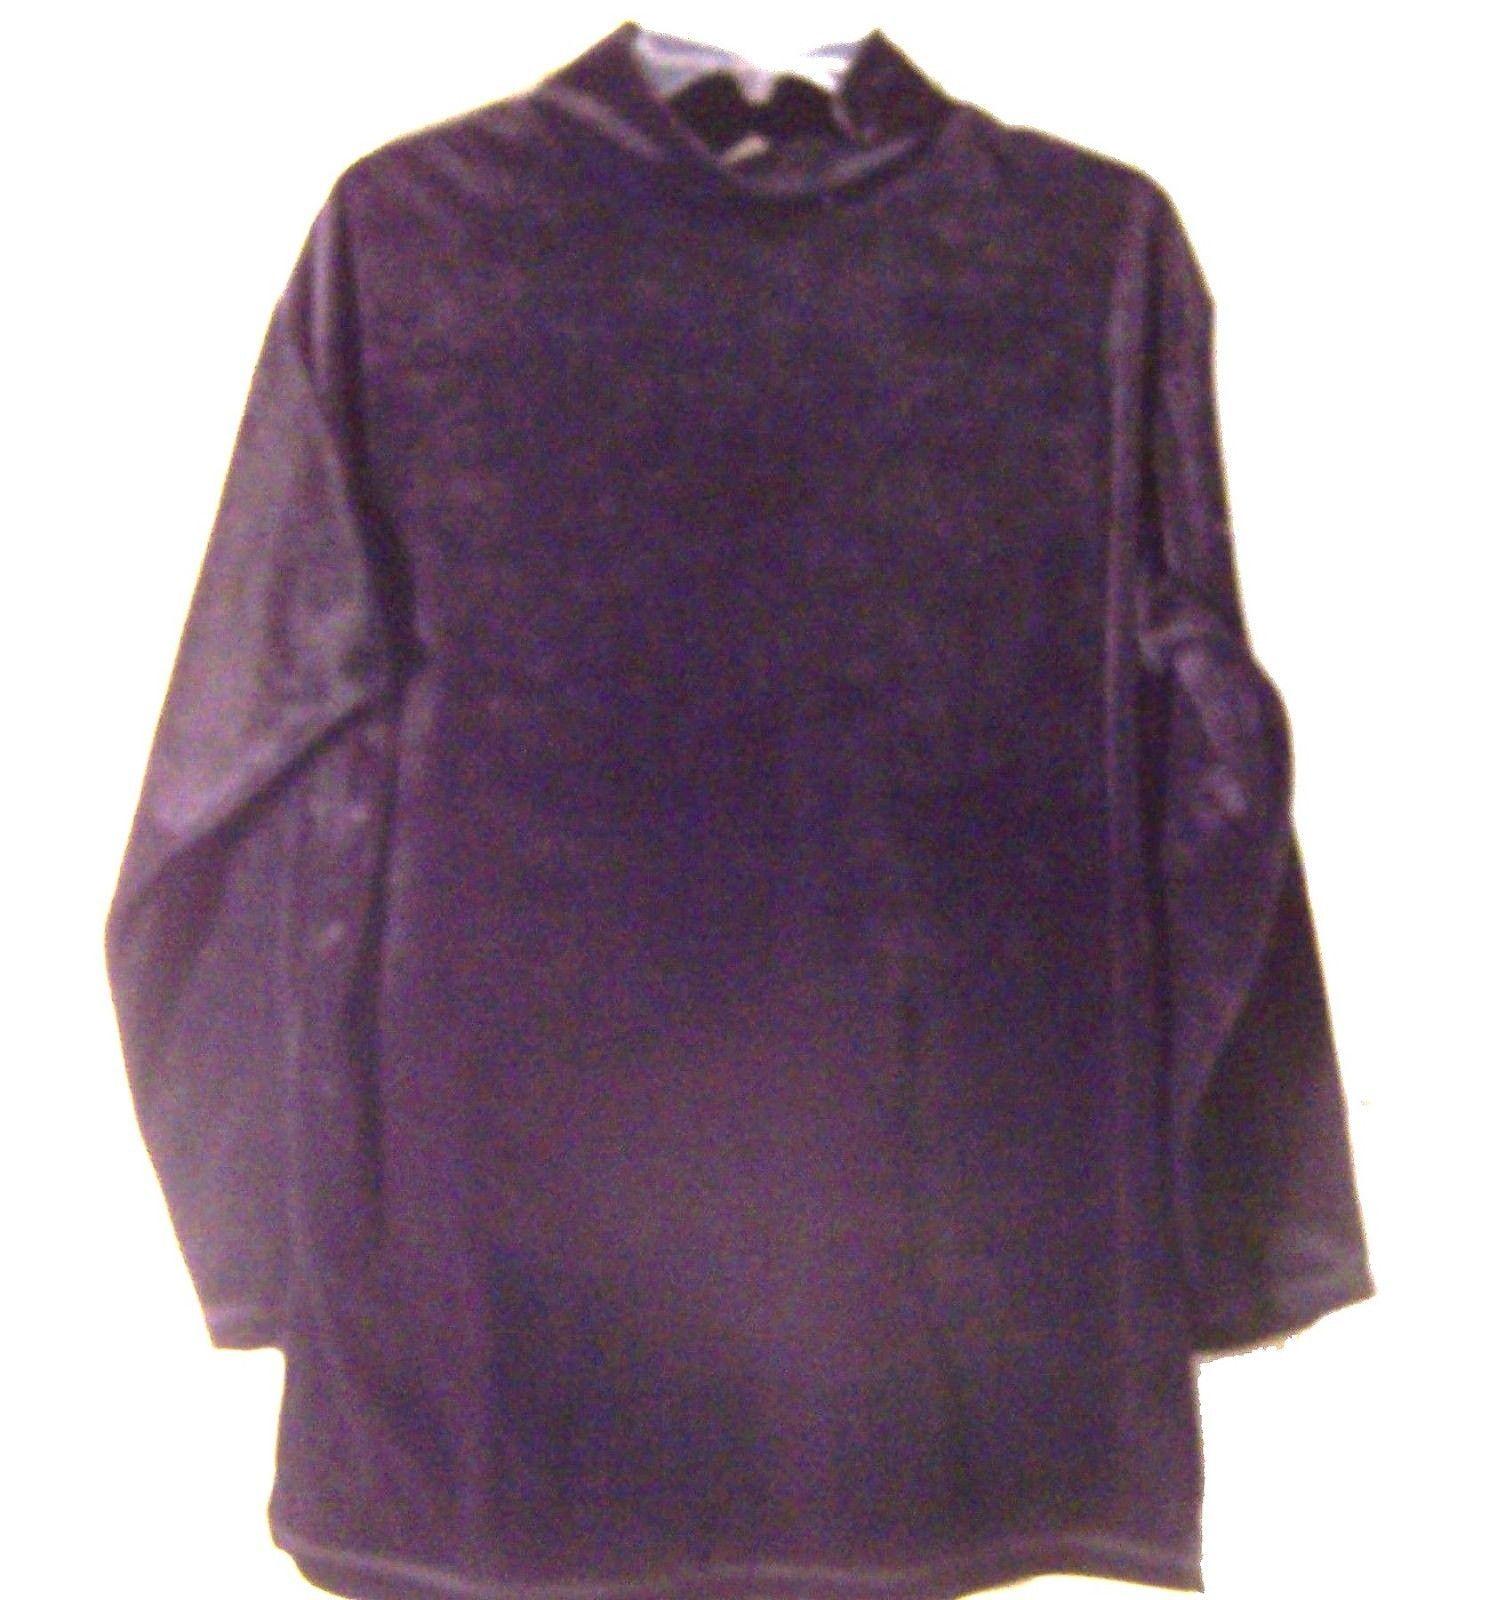 Sz L - NWOT Gilligan & O'Malley Velvet Hi Neck Long Sleeve Top Sz Small - $25.64